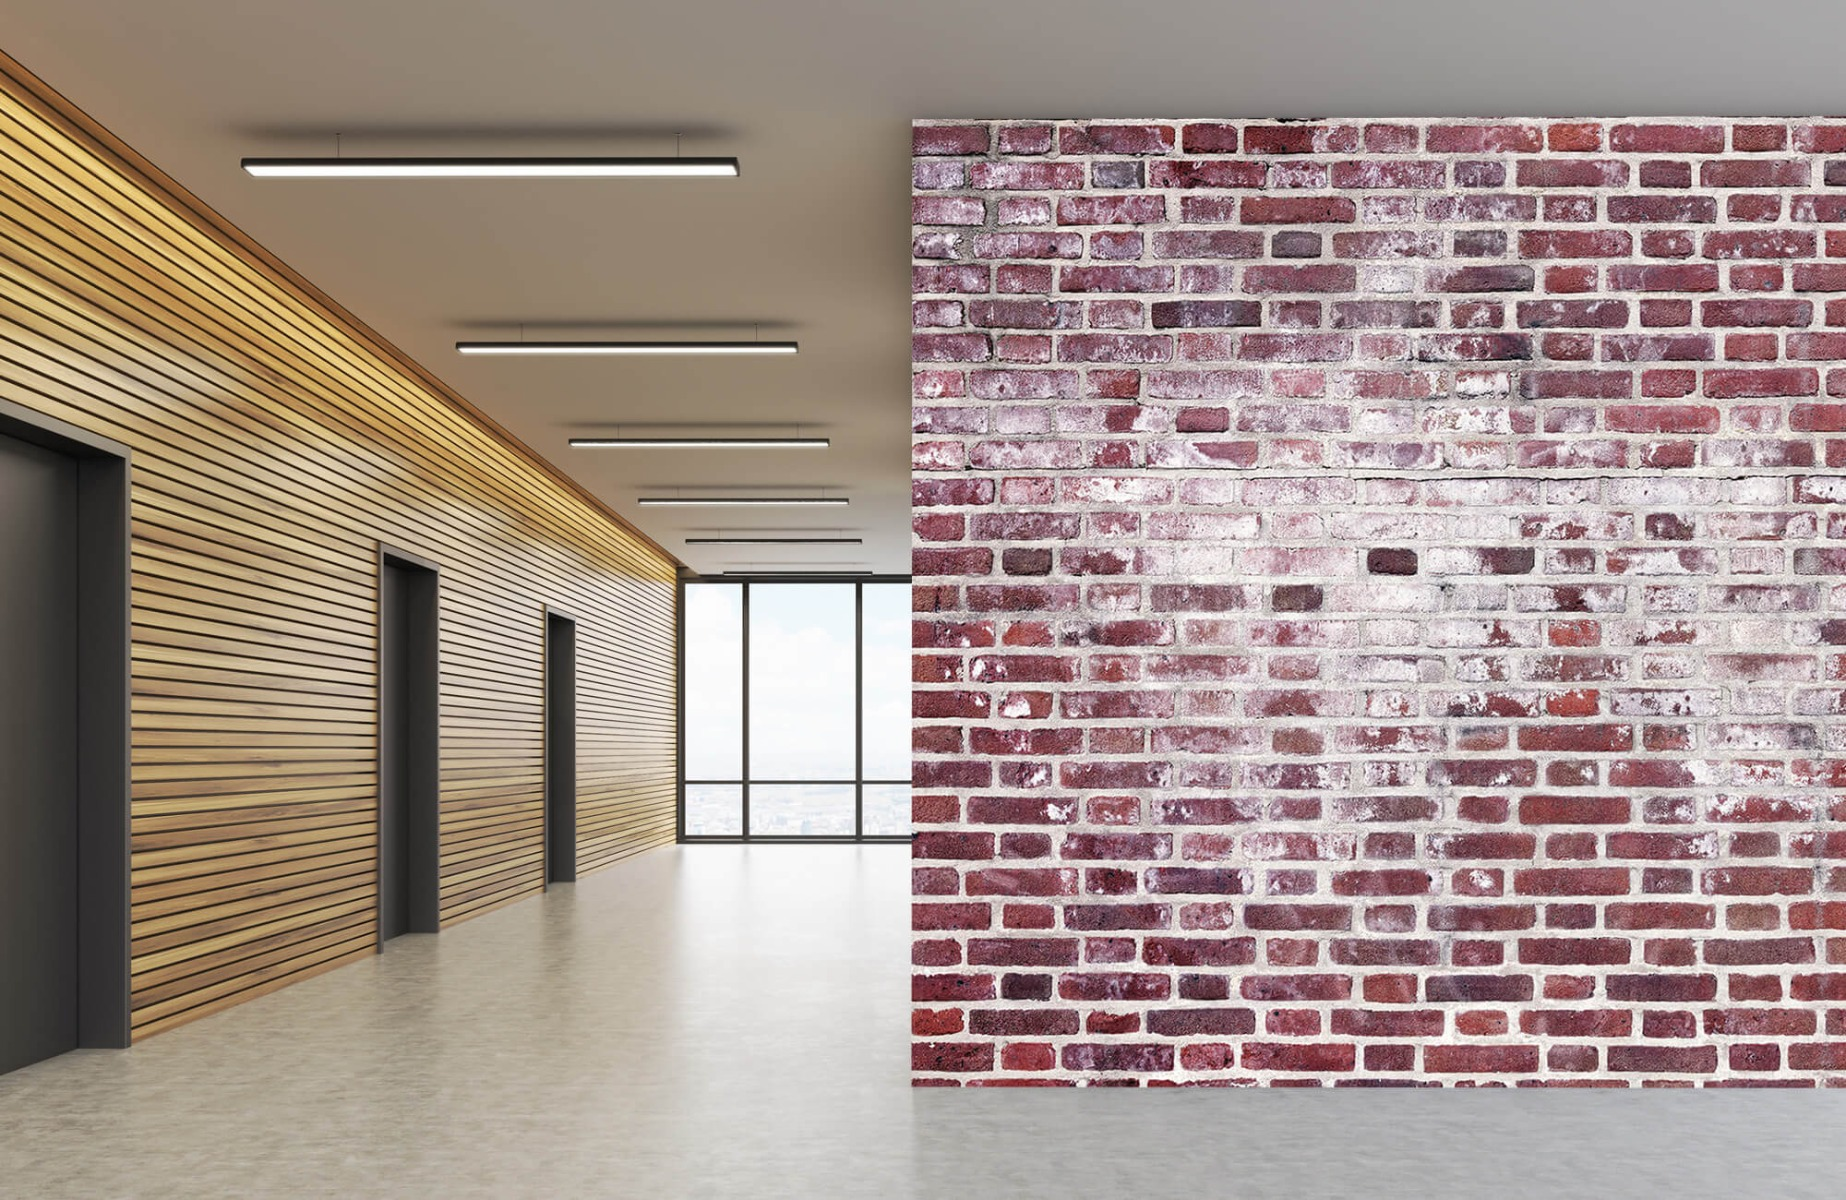 Steen behang - Bakstenen met cement - Wallexclusive - Woonkamer 5